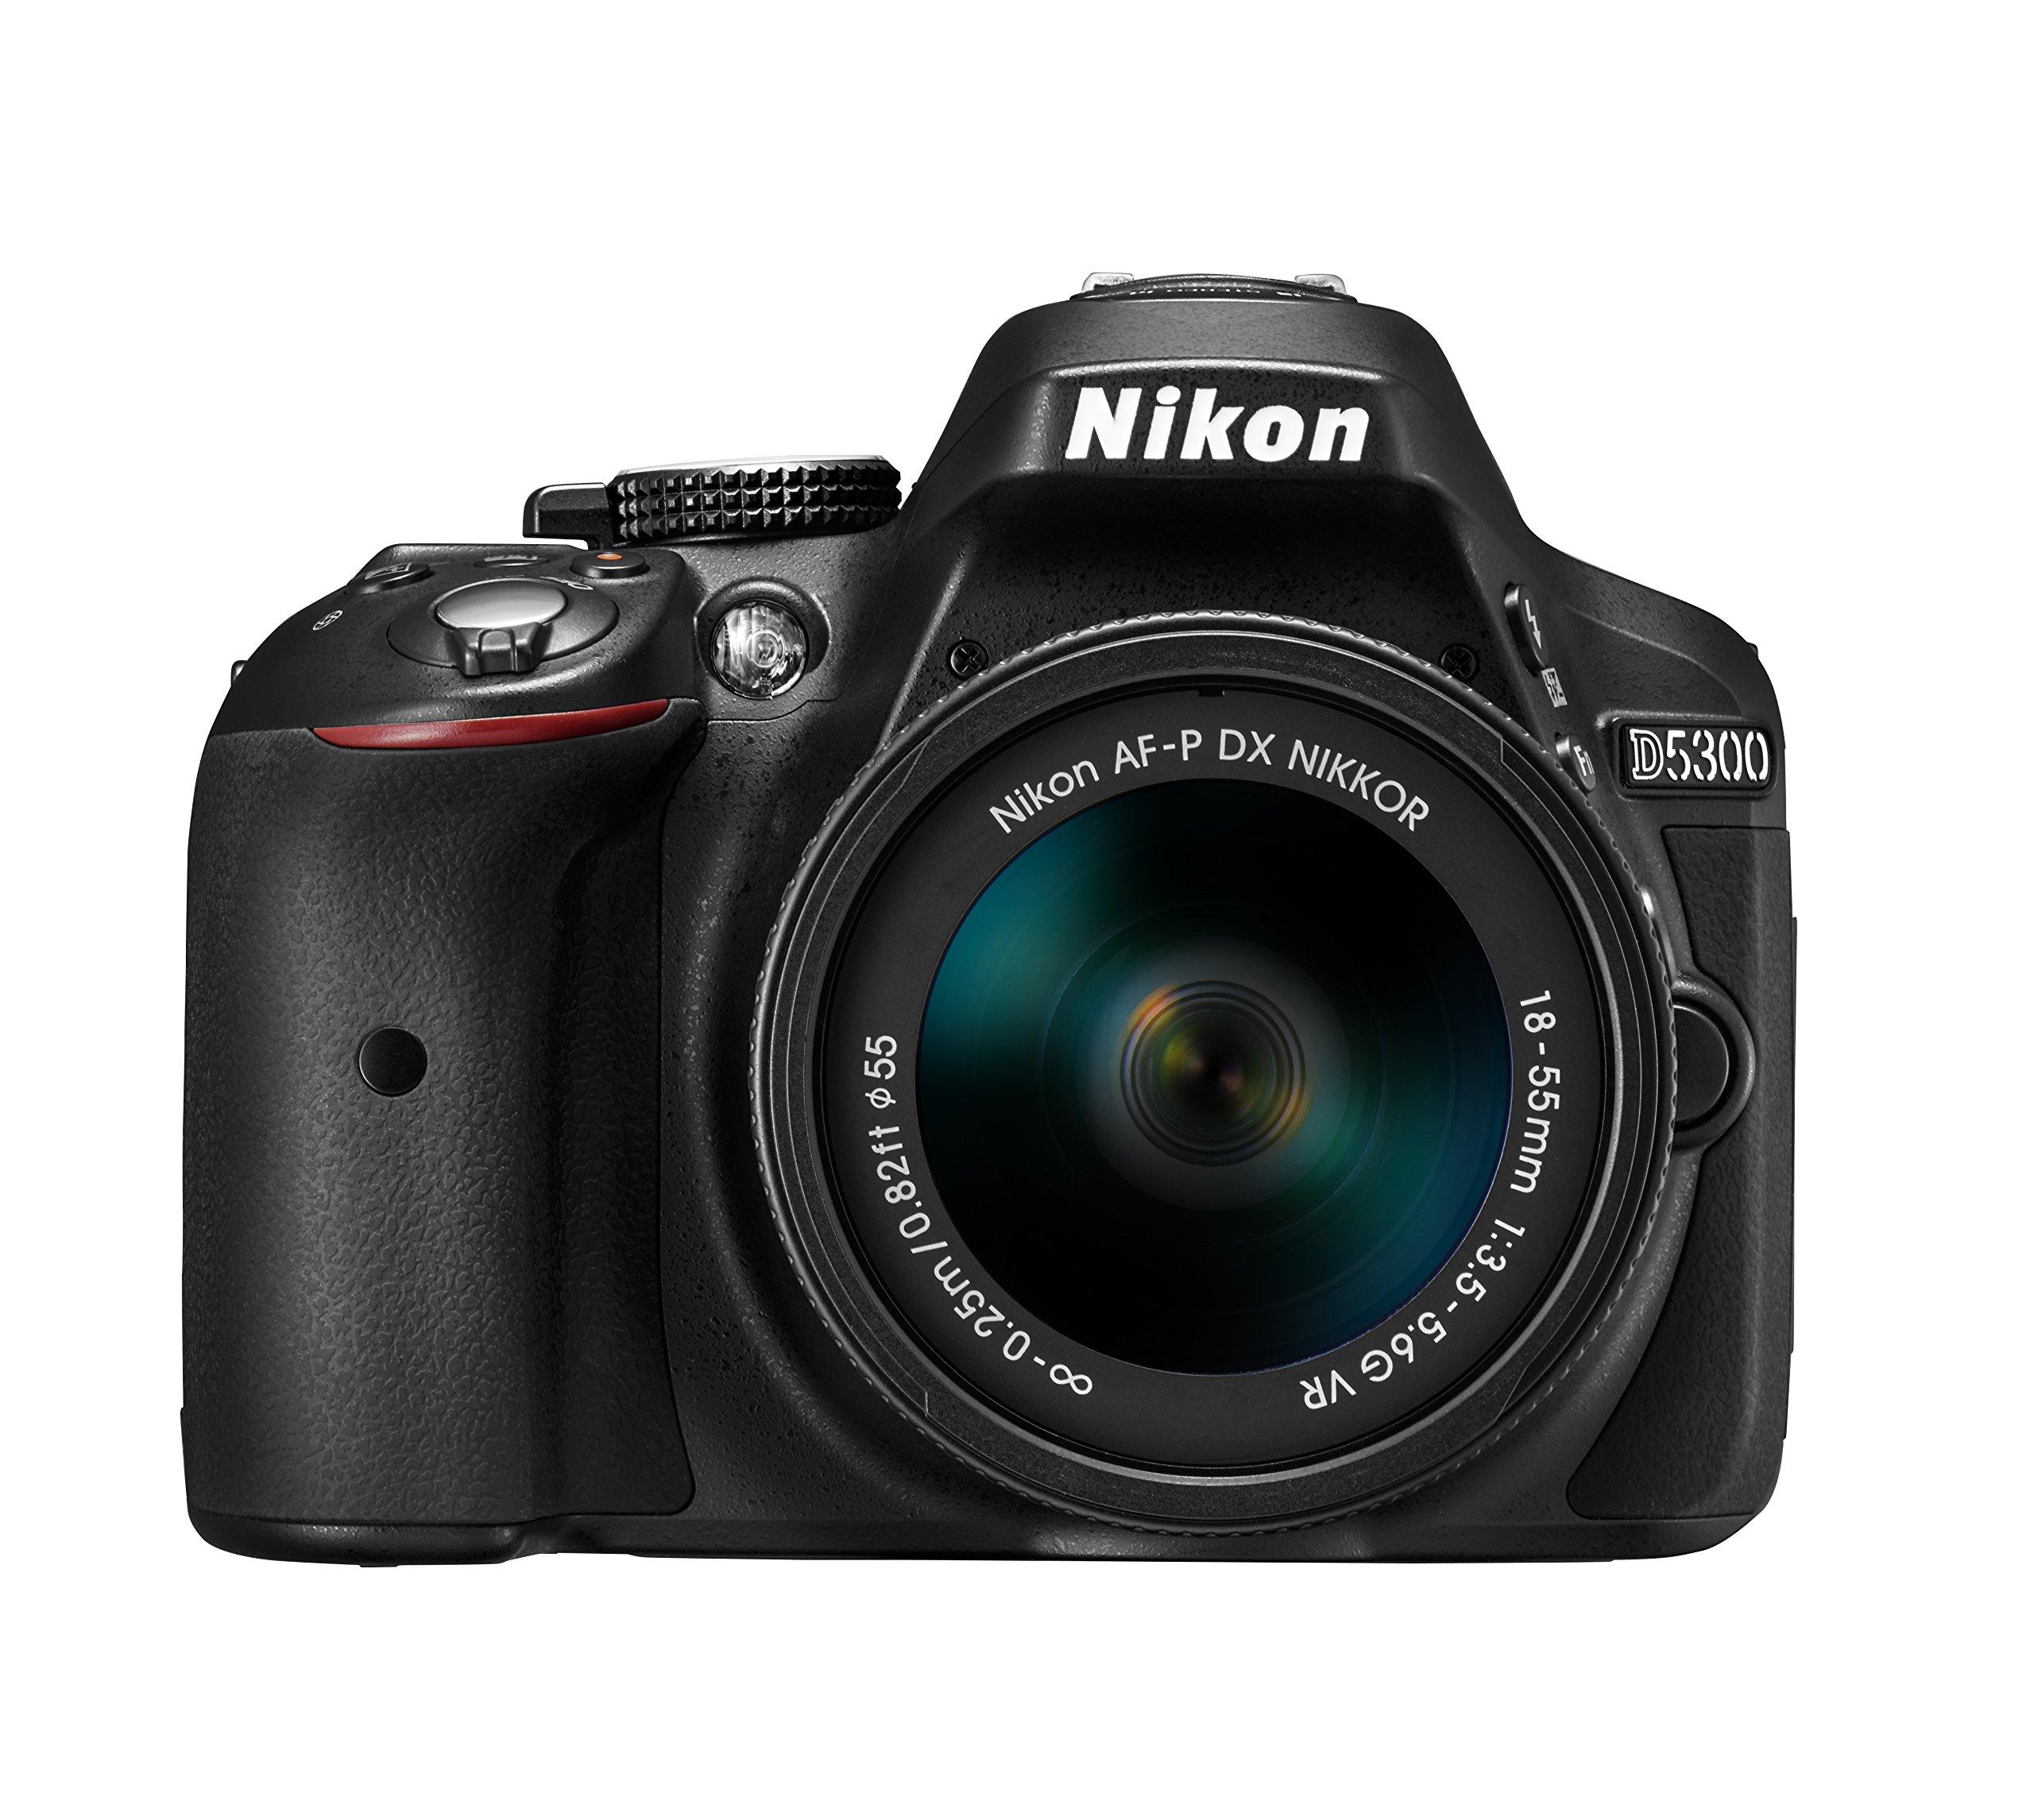 Nikon デジタル一眼レフカメラ D5300 AF-P 18-55 VR レンズキット ブラック D5300LKP18-55 product image